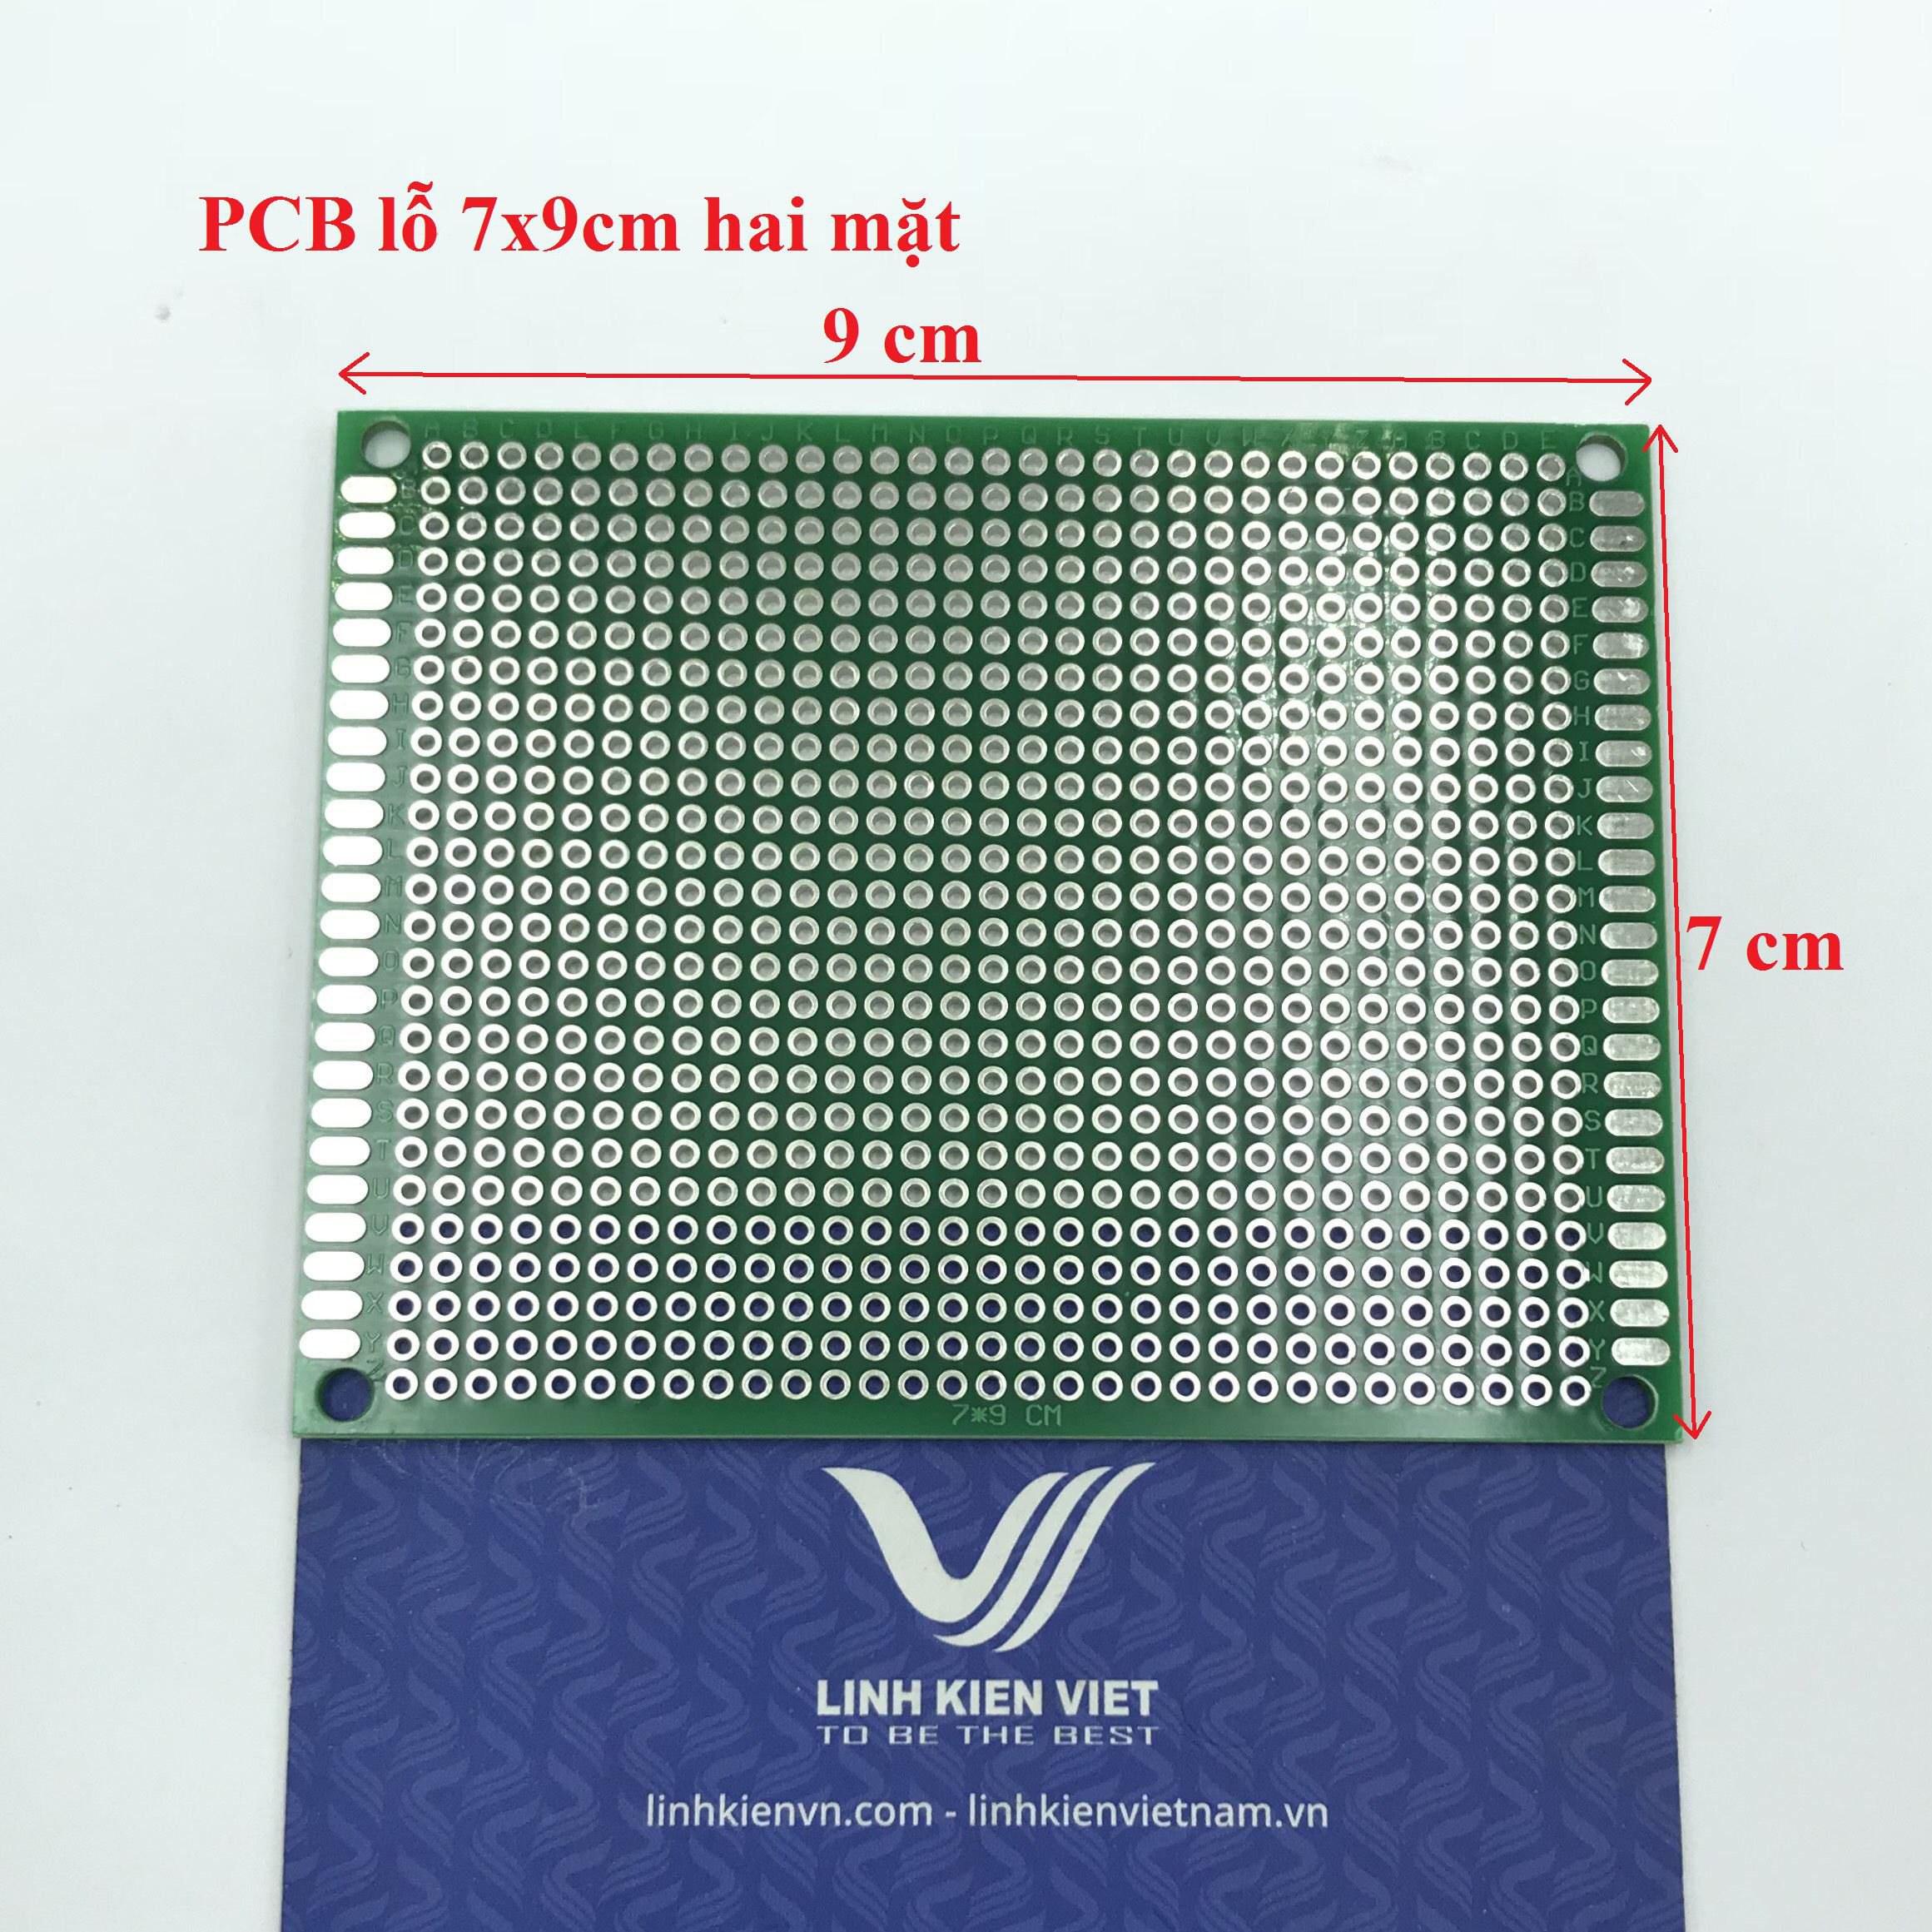 PCB lỗ 2 mặt 7x9cm - D8H23